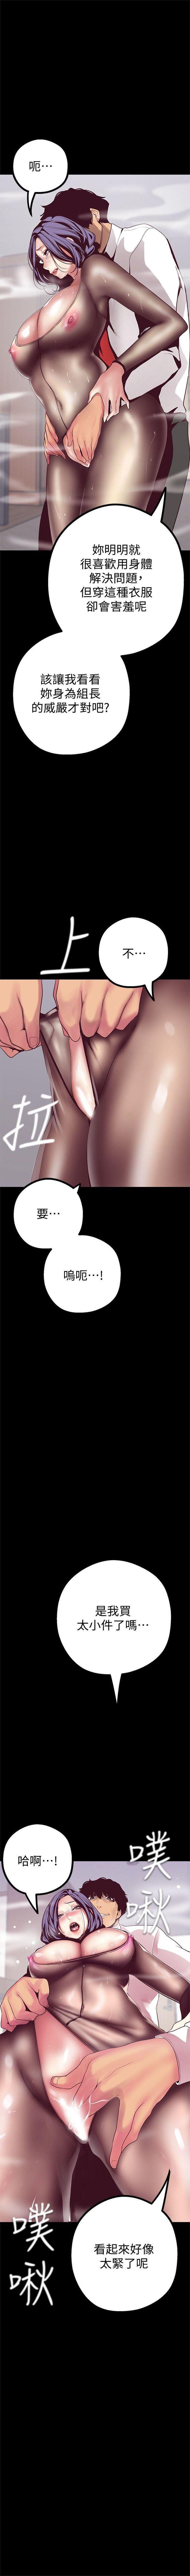 (週1)美麗新世界 1-70 中文翻譯 (更新中) 131